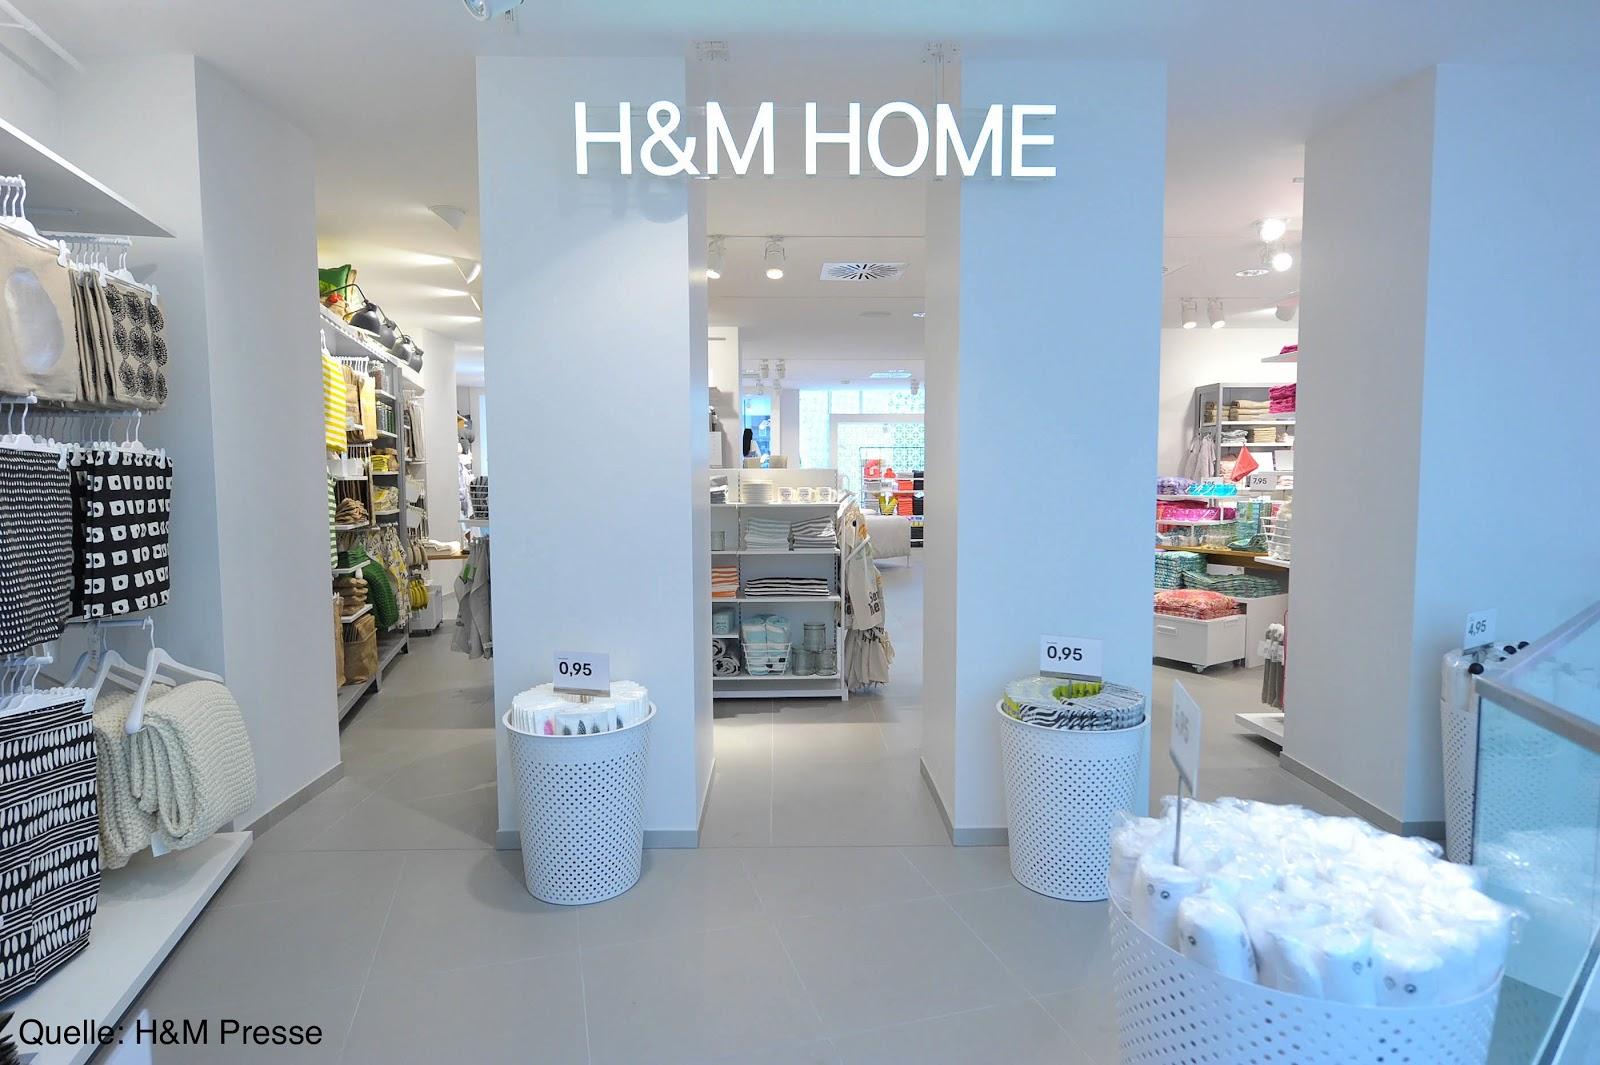 Können Sie uns etwas über Ihre Rolle als Chefdesignerin für H&M HOME erzählen? Die Chefdesignerin ist der kreative Kopf dieses Bereichs. Ich ermutige und inspiriere andere Designer und sorge dafür, dass unsere Visionen klar sind und unsere Kollektionen die Kunden begeistern..